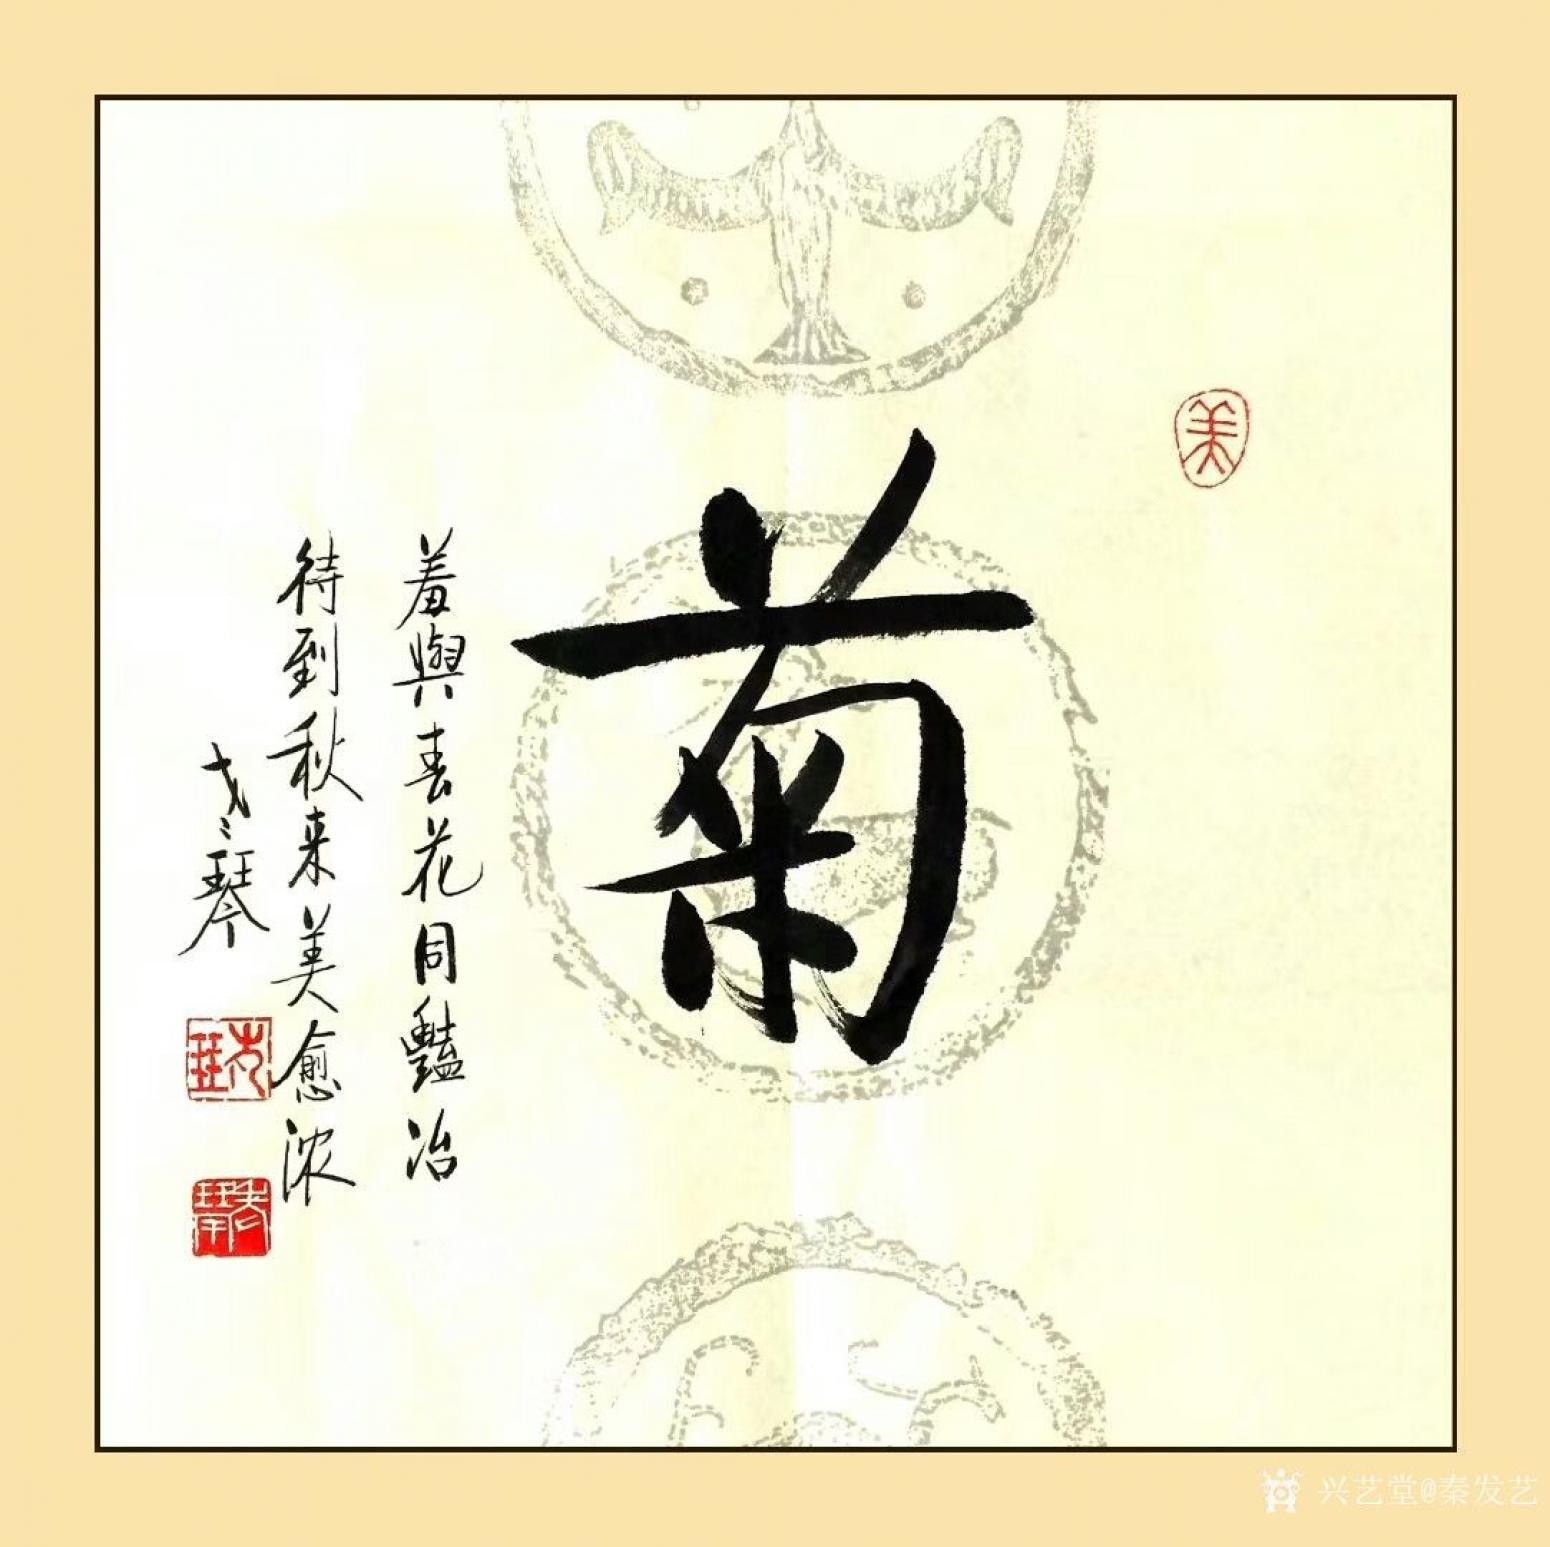 秦发艺书法作品《菊》